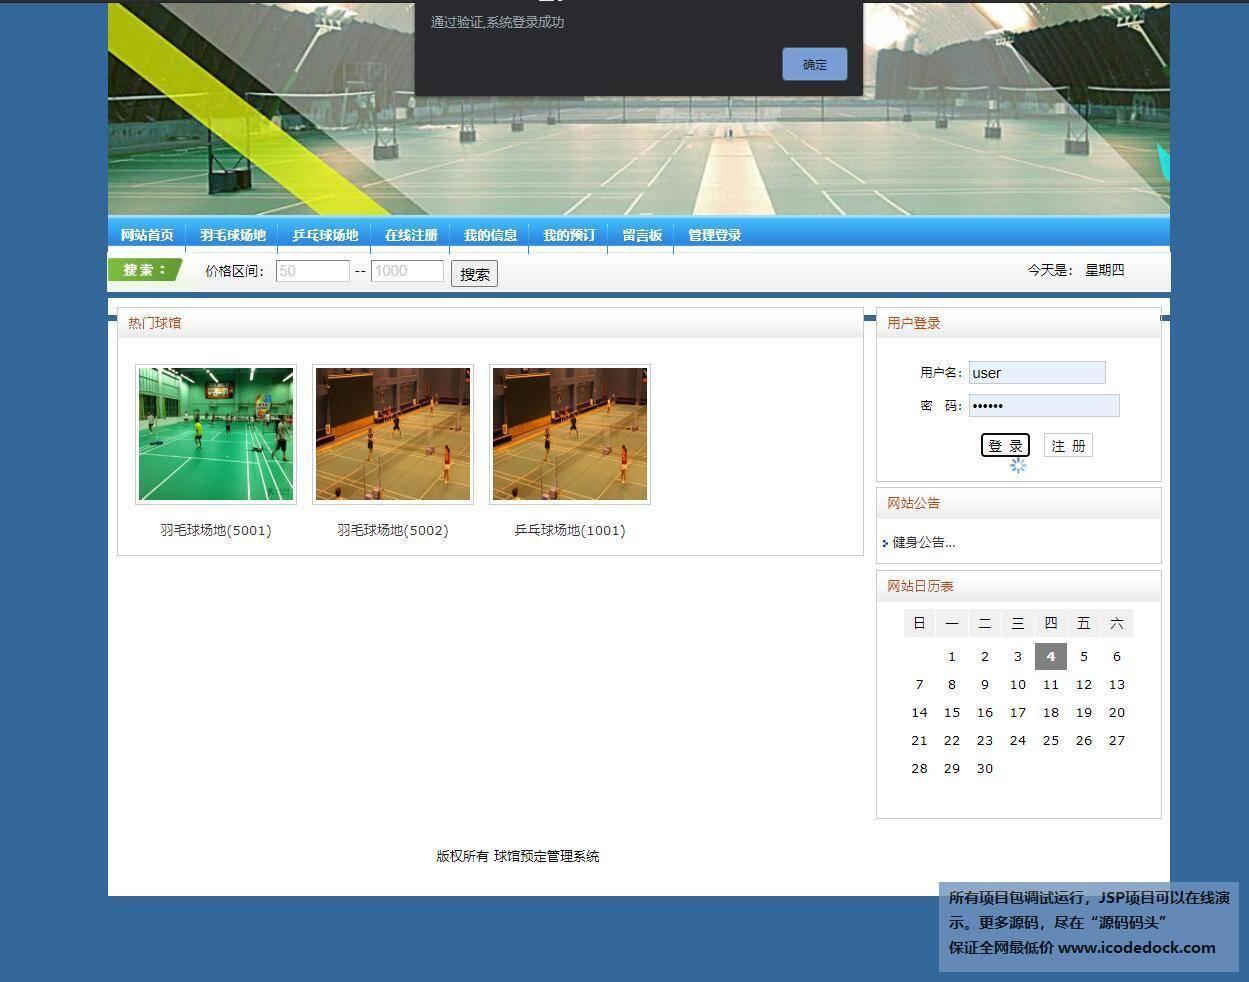 源码码头-SSH高校球场体育场预定管理系统-用户首页-用户登录